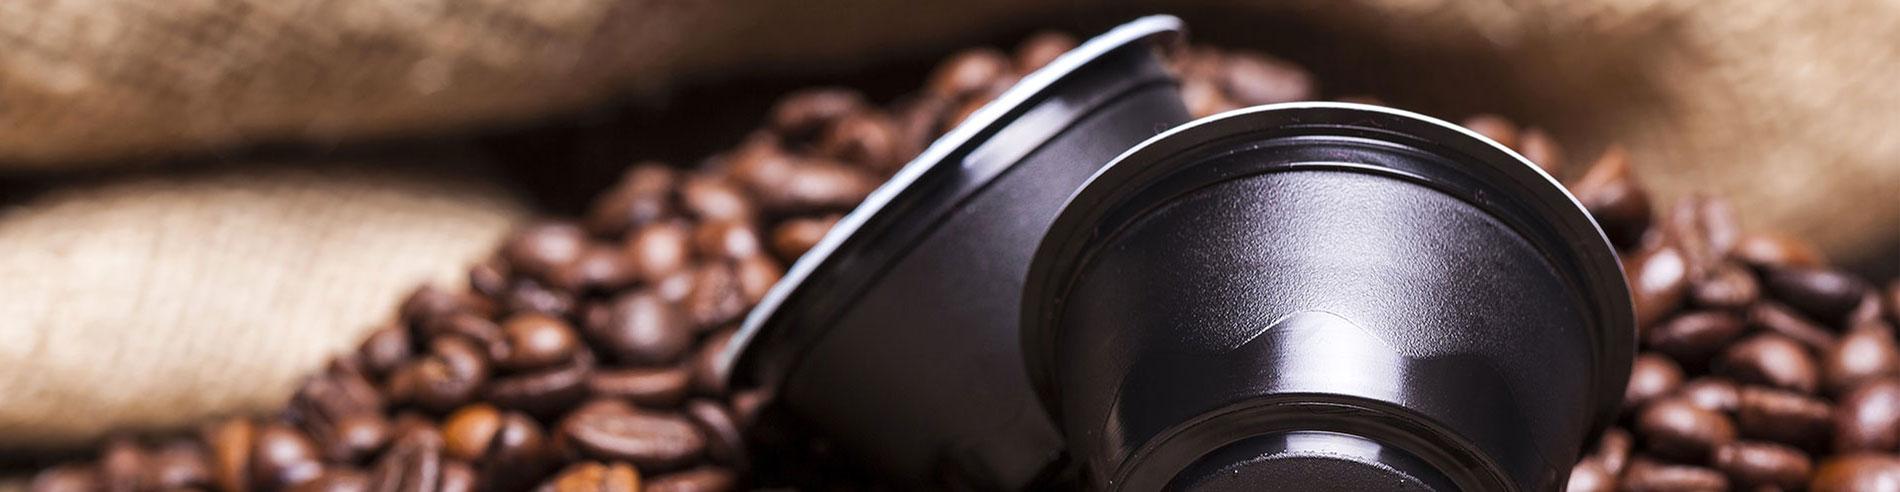 Mocafè vendita online cialde e capsule compatibili